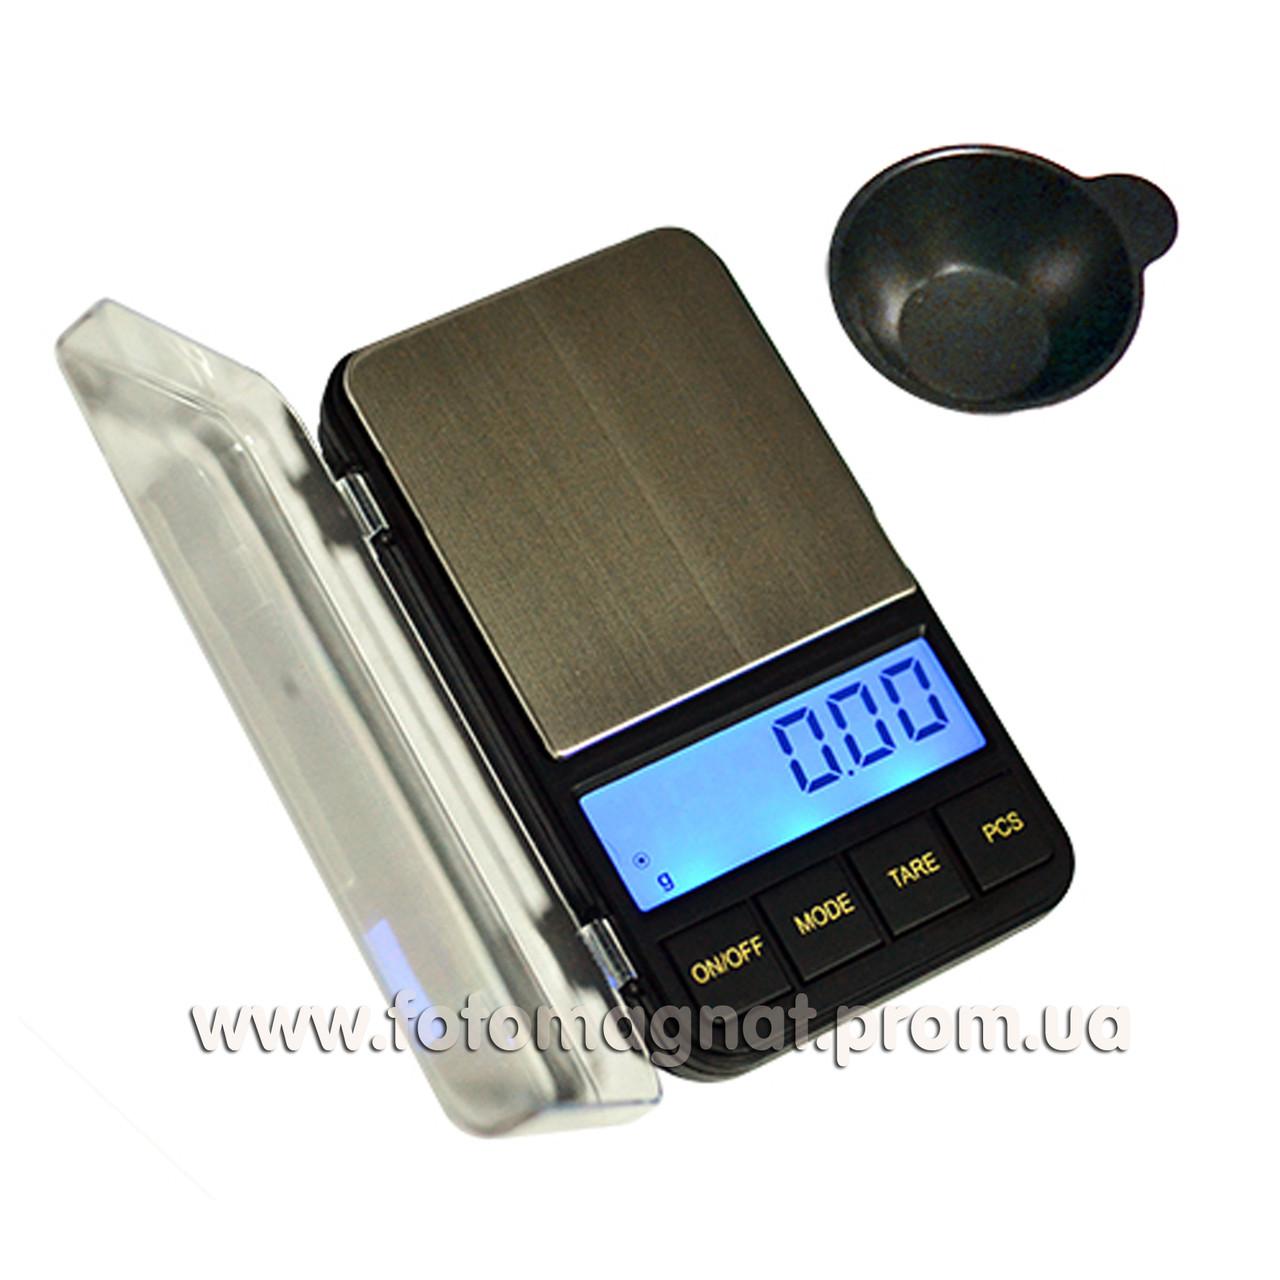 Весы ювелирные 6285PA-300 0,01+ чашка (карманные весы)